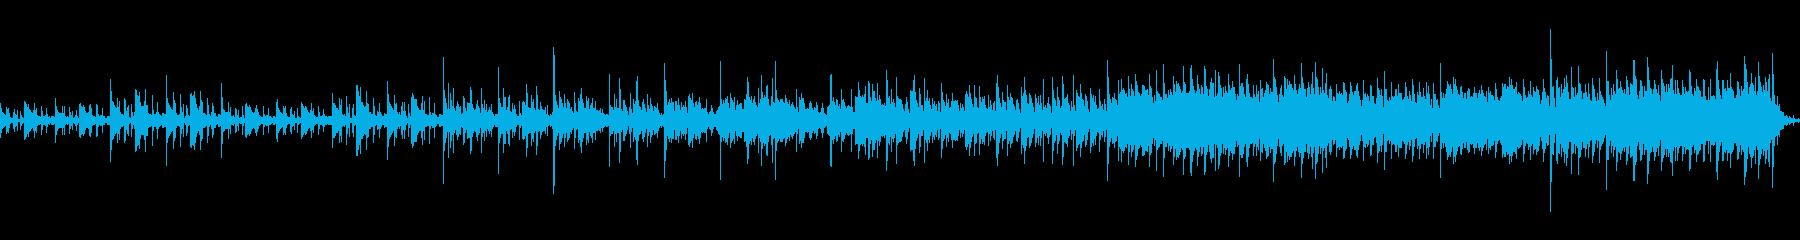 民族パーカッションと機械音の融合の再生済みの波形